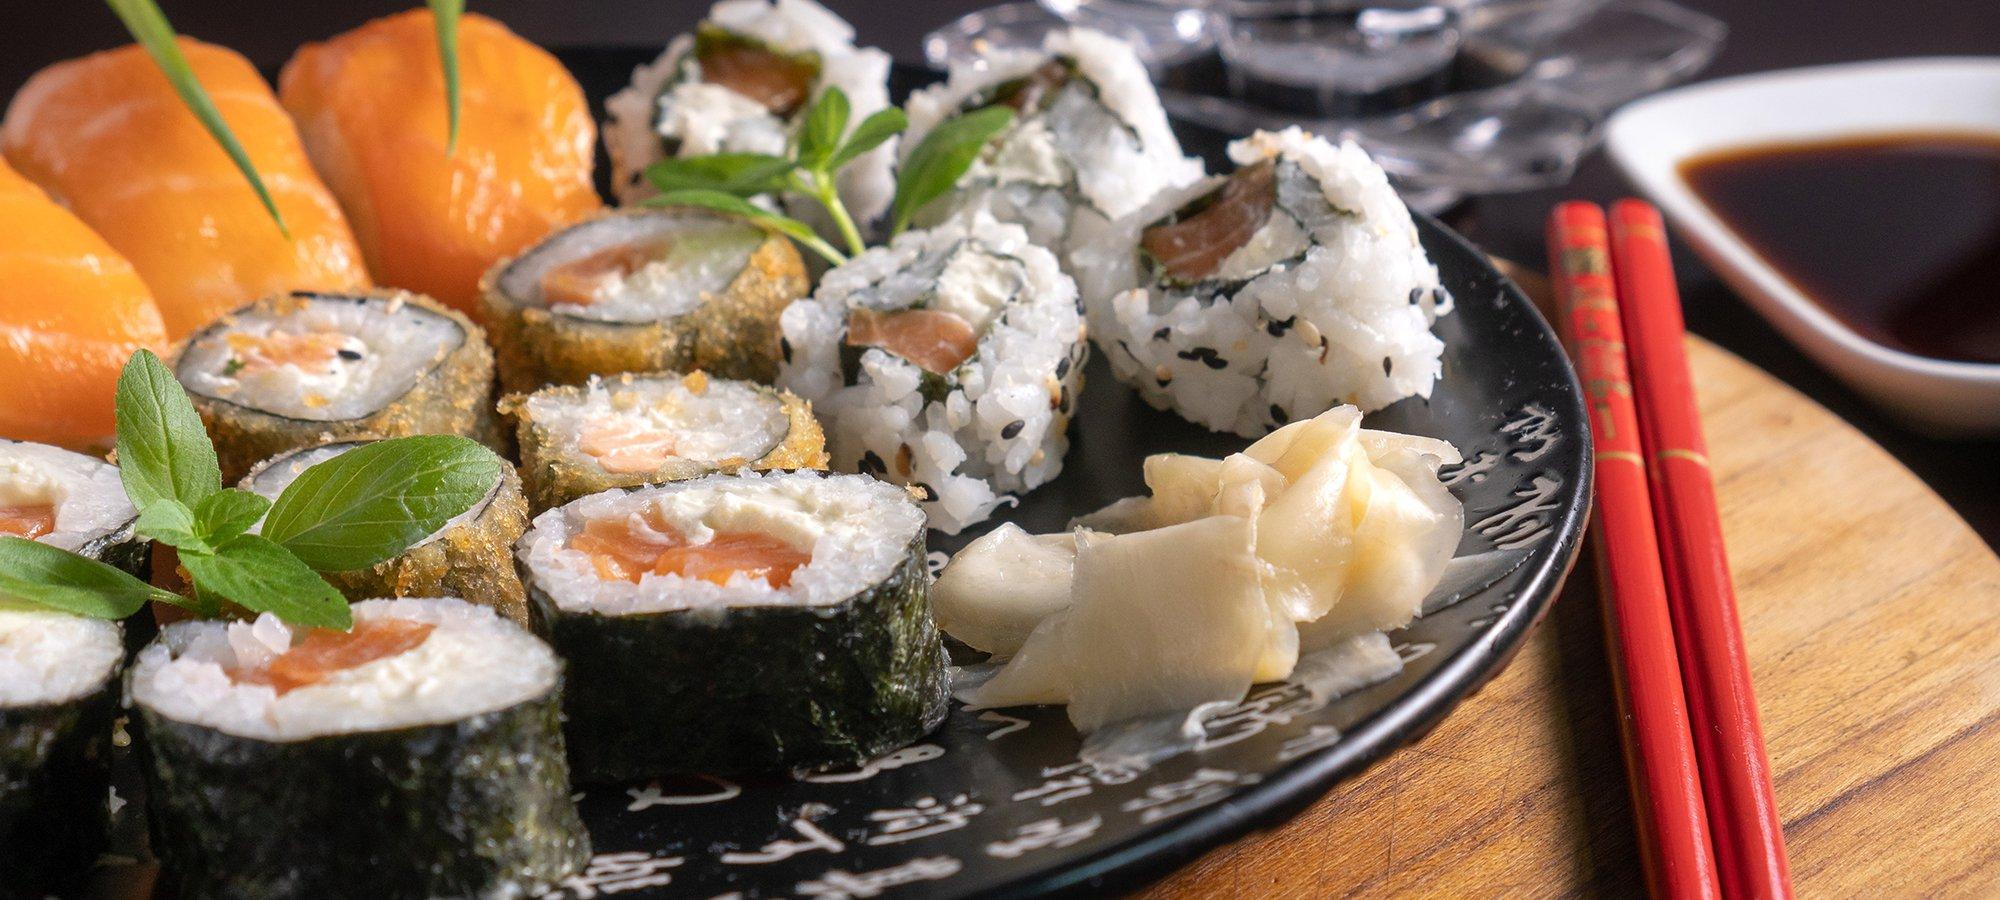 City Sushi - Sushi - japonais